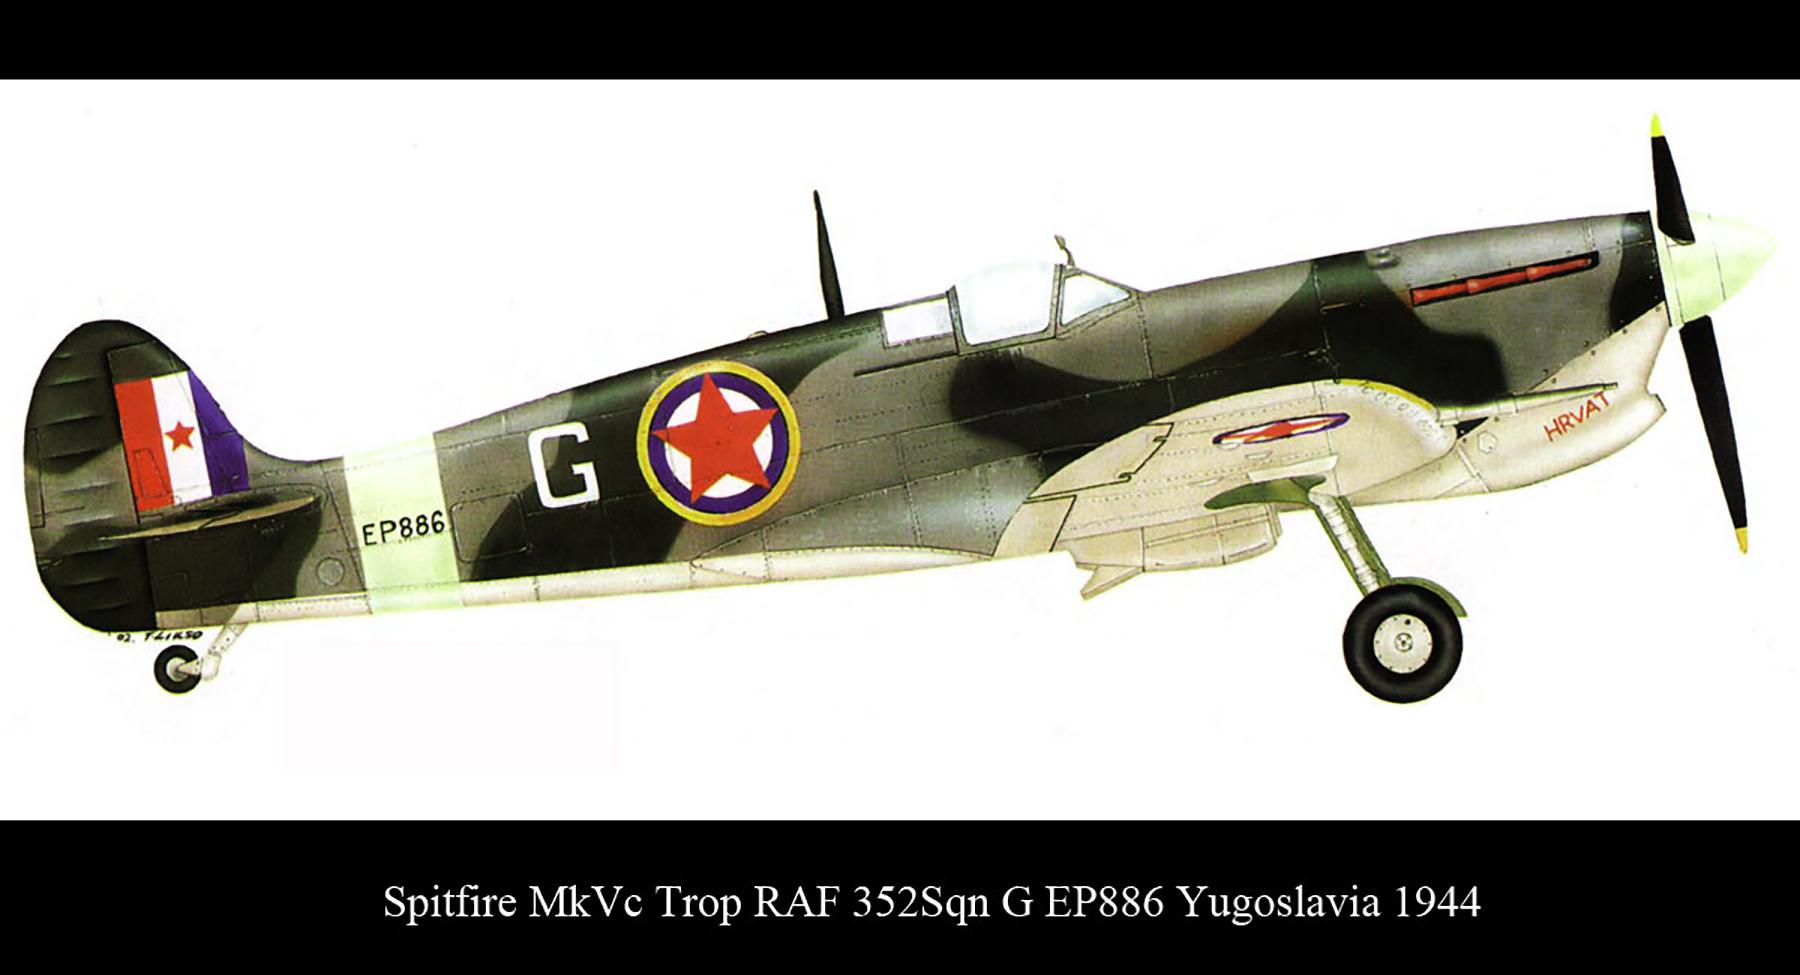 Spitfire MkVcTrop RAF 352Sqn G EP886 Yugoslavia 1944 0A